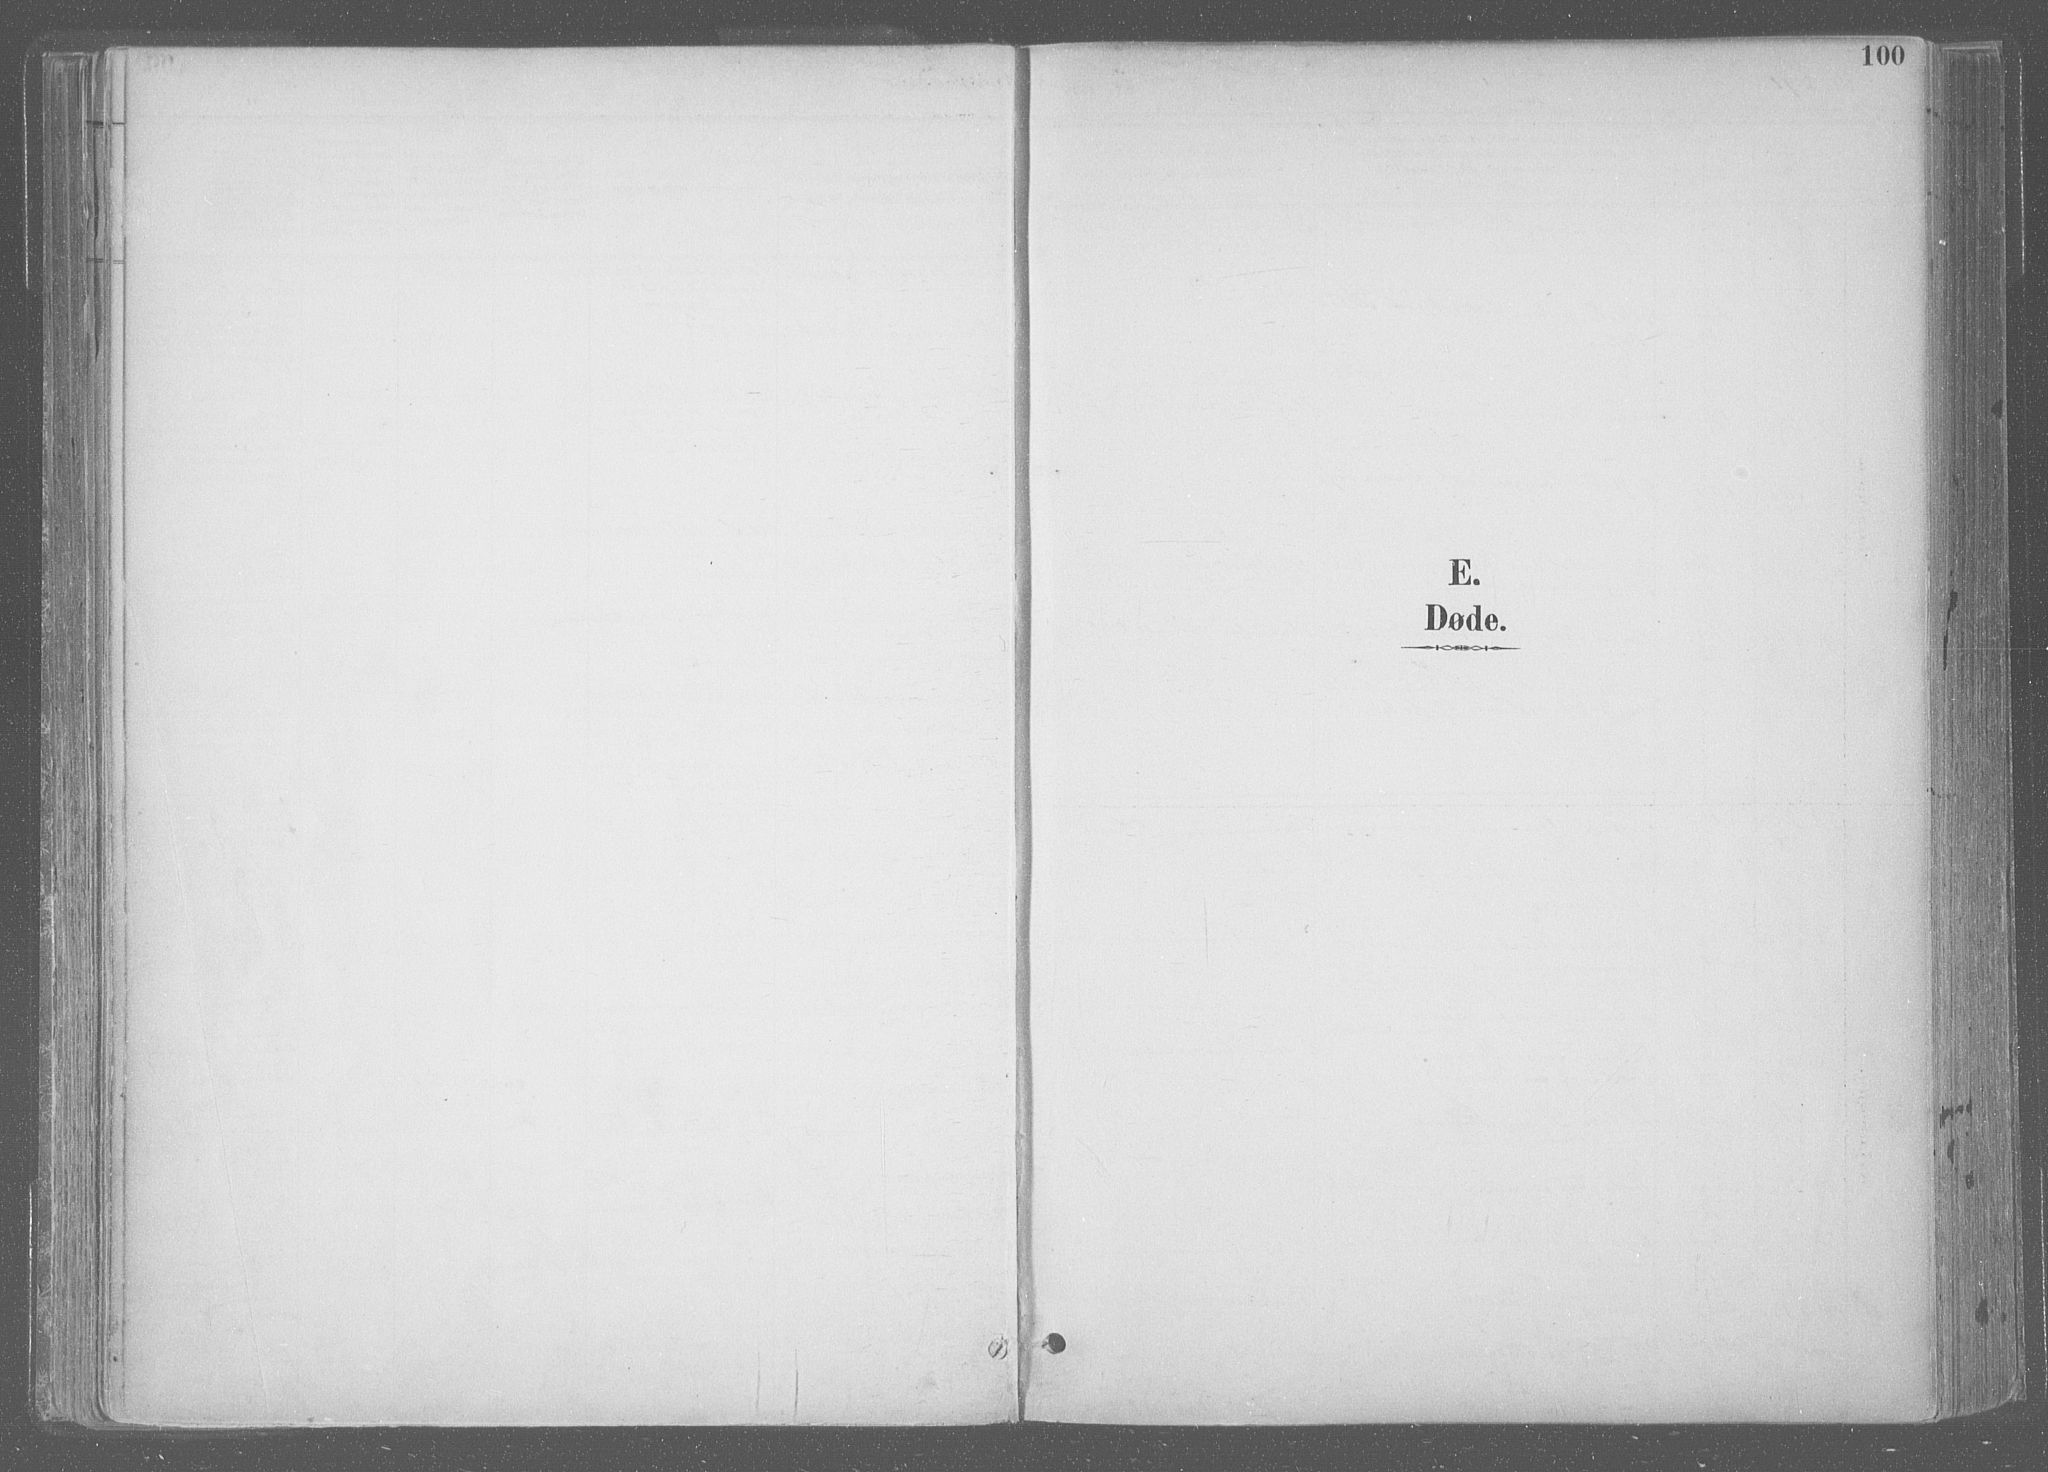 SAT, Ministerialprotokoller, klokkerbøker og fødselsregistre - Sør-Trøndelag, 601/L0064: Ministerialbok nr. 601A31, 1891-1911, s. 100